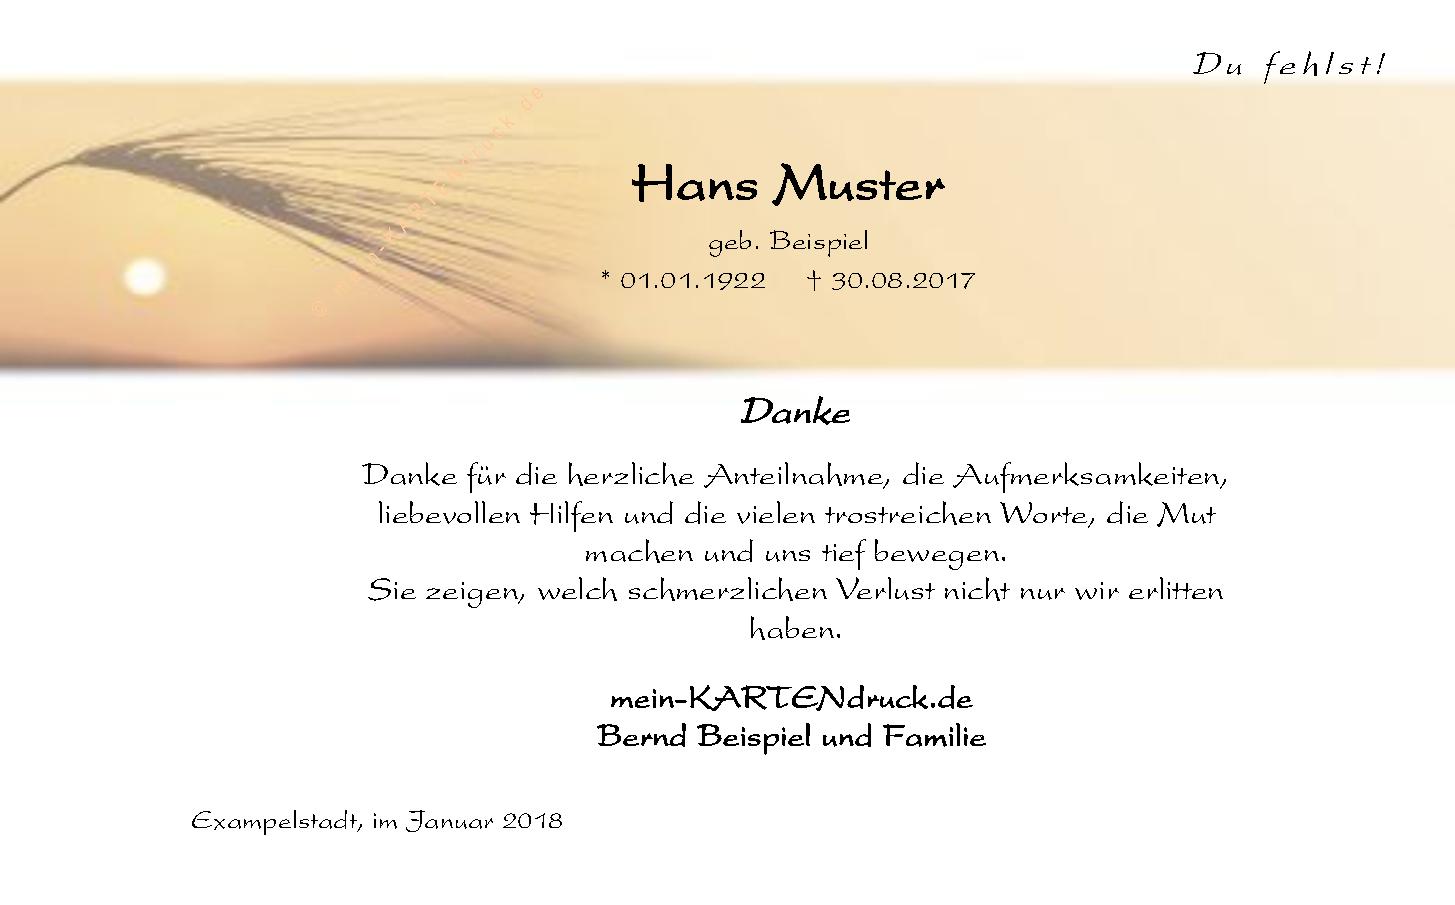 Schone Moderne Danksagungskarte Zur Trauer Ahre Im Sonnenlicht Danke Sagen Trauerkarten Danksagung Trauer